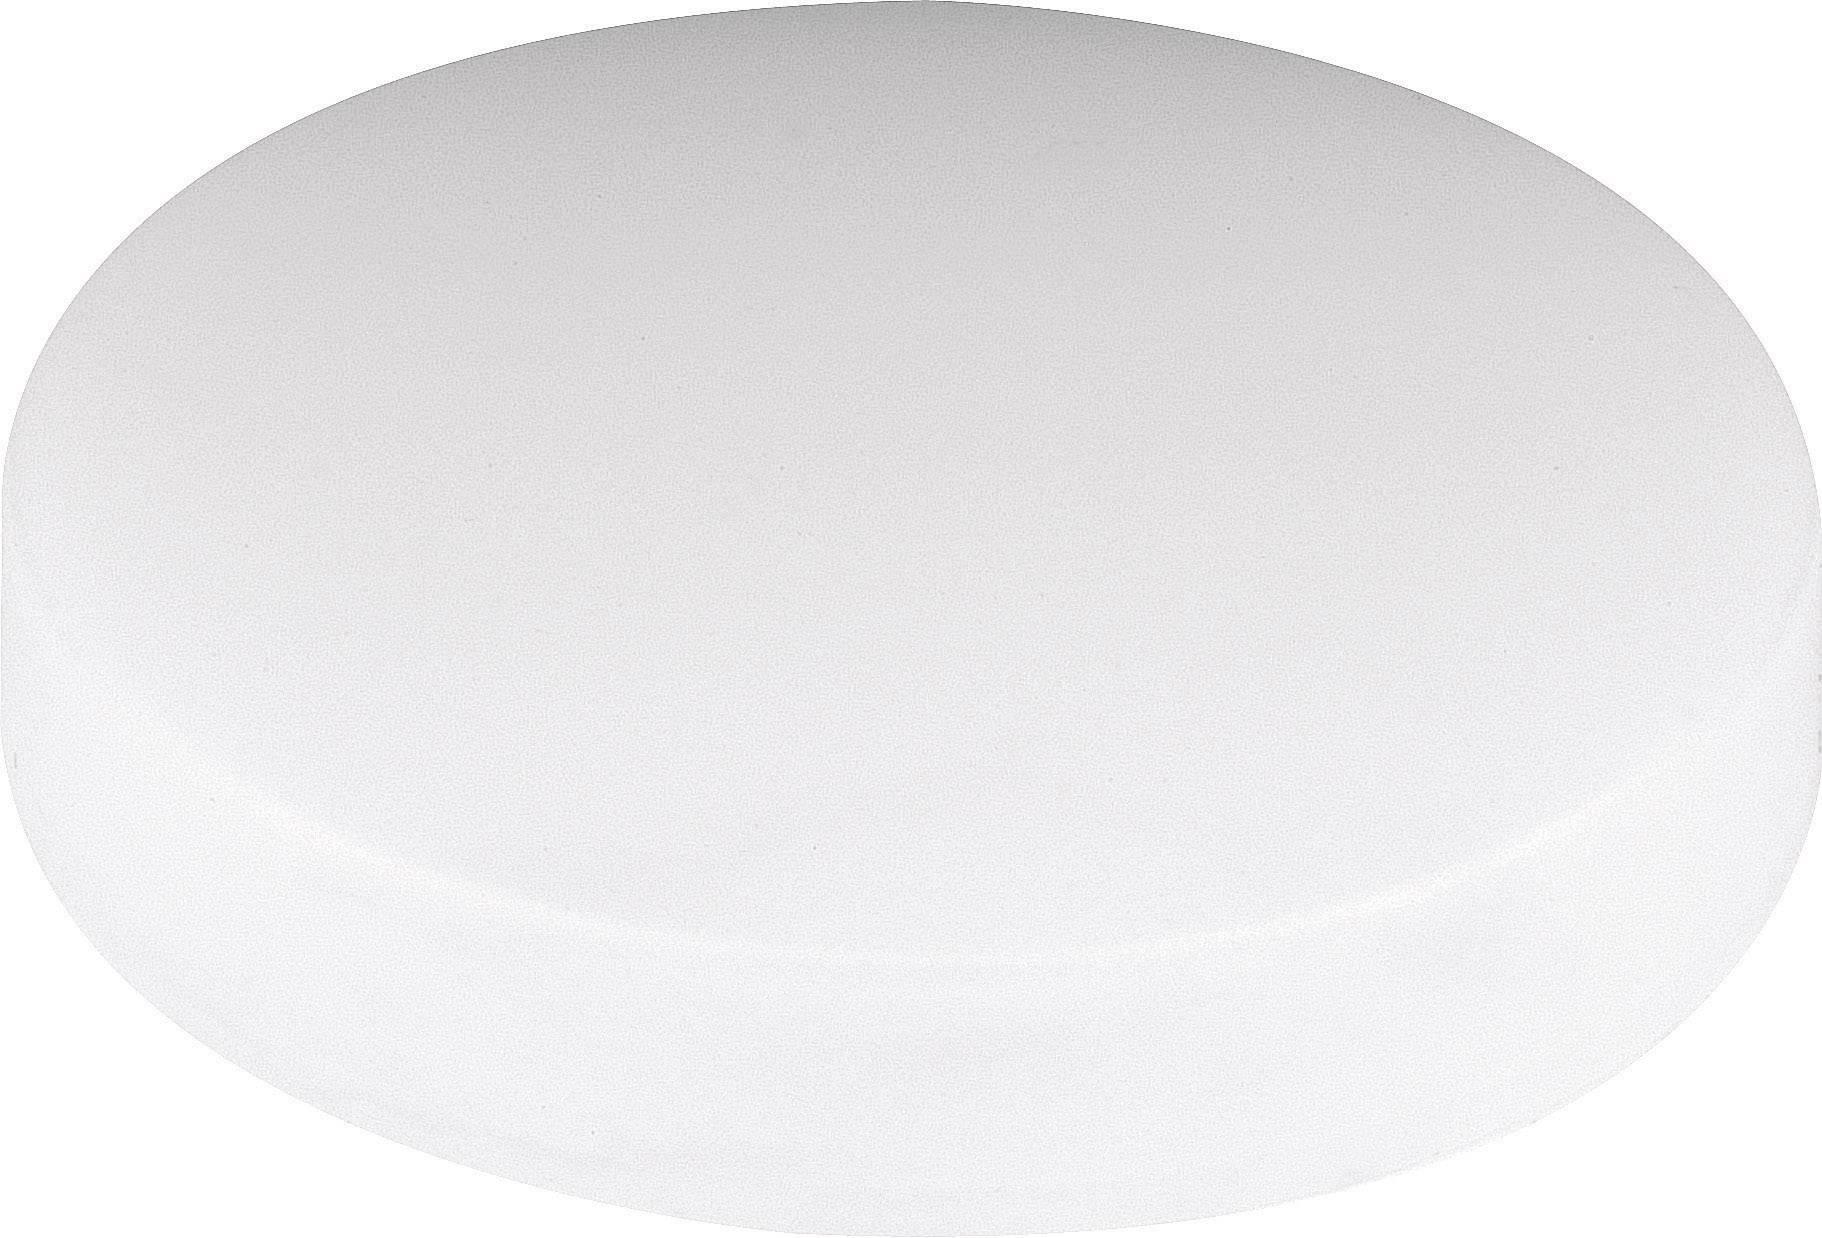 Světelná krytka pro reflektor Mentor, 2510.0700, 40 mm, (Ø x v) 41 mm x 7 mm, žlutá